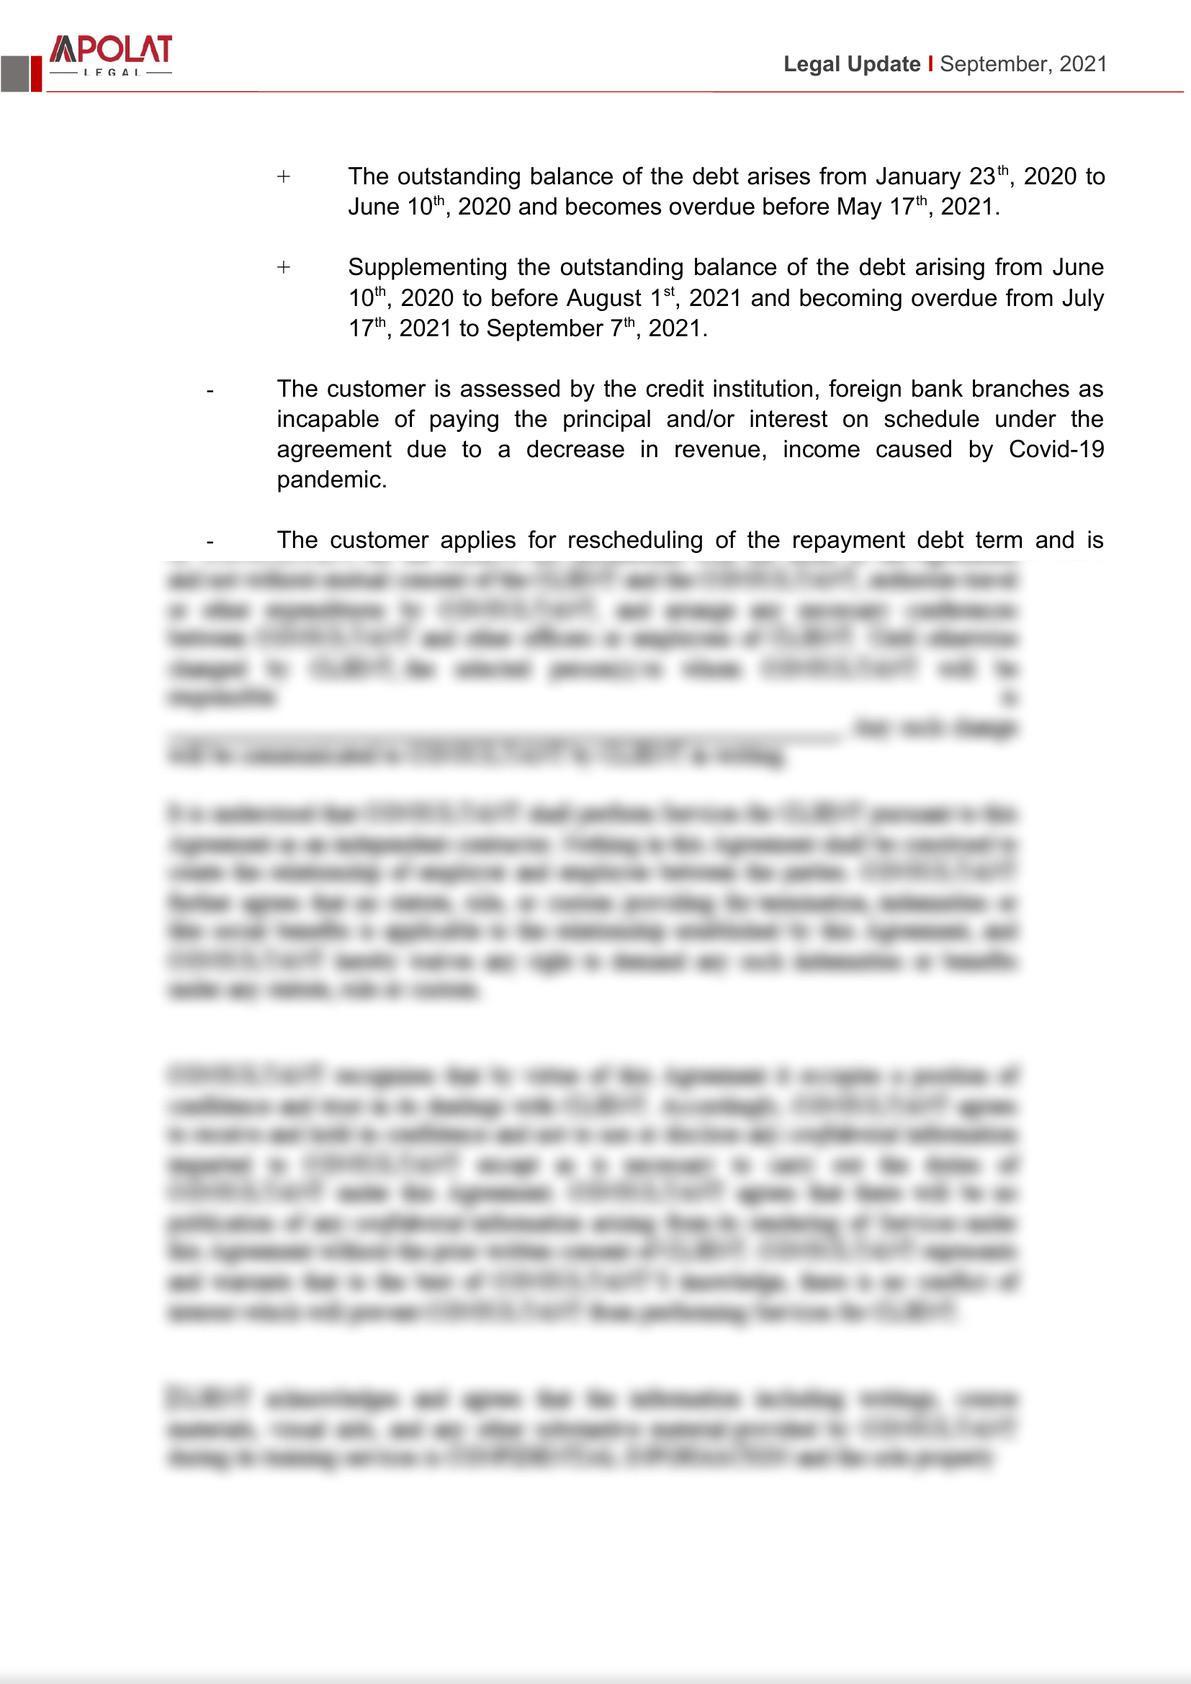 #3 Legal Update in September, 2021-1